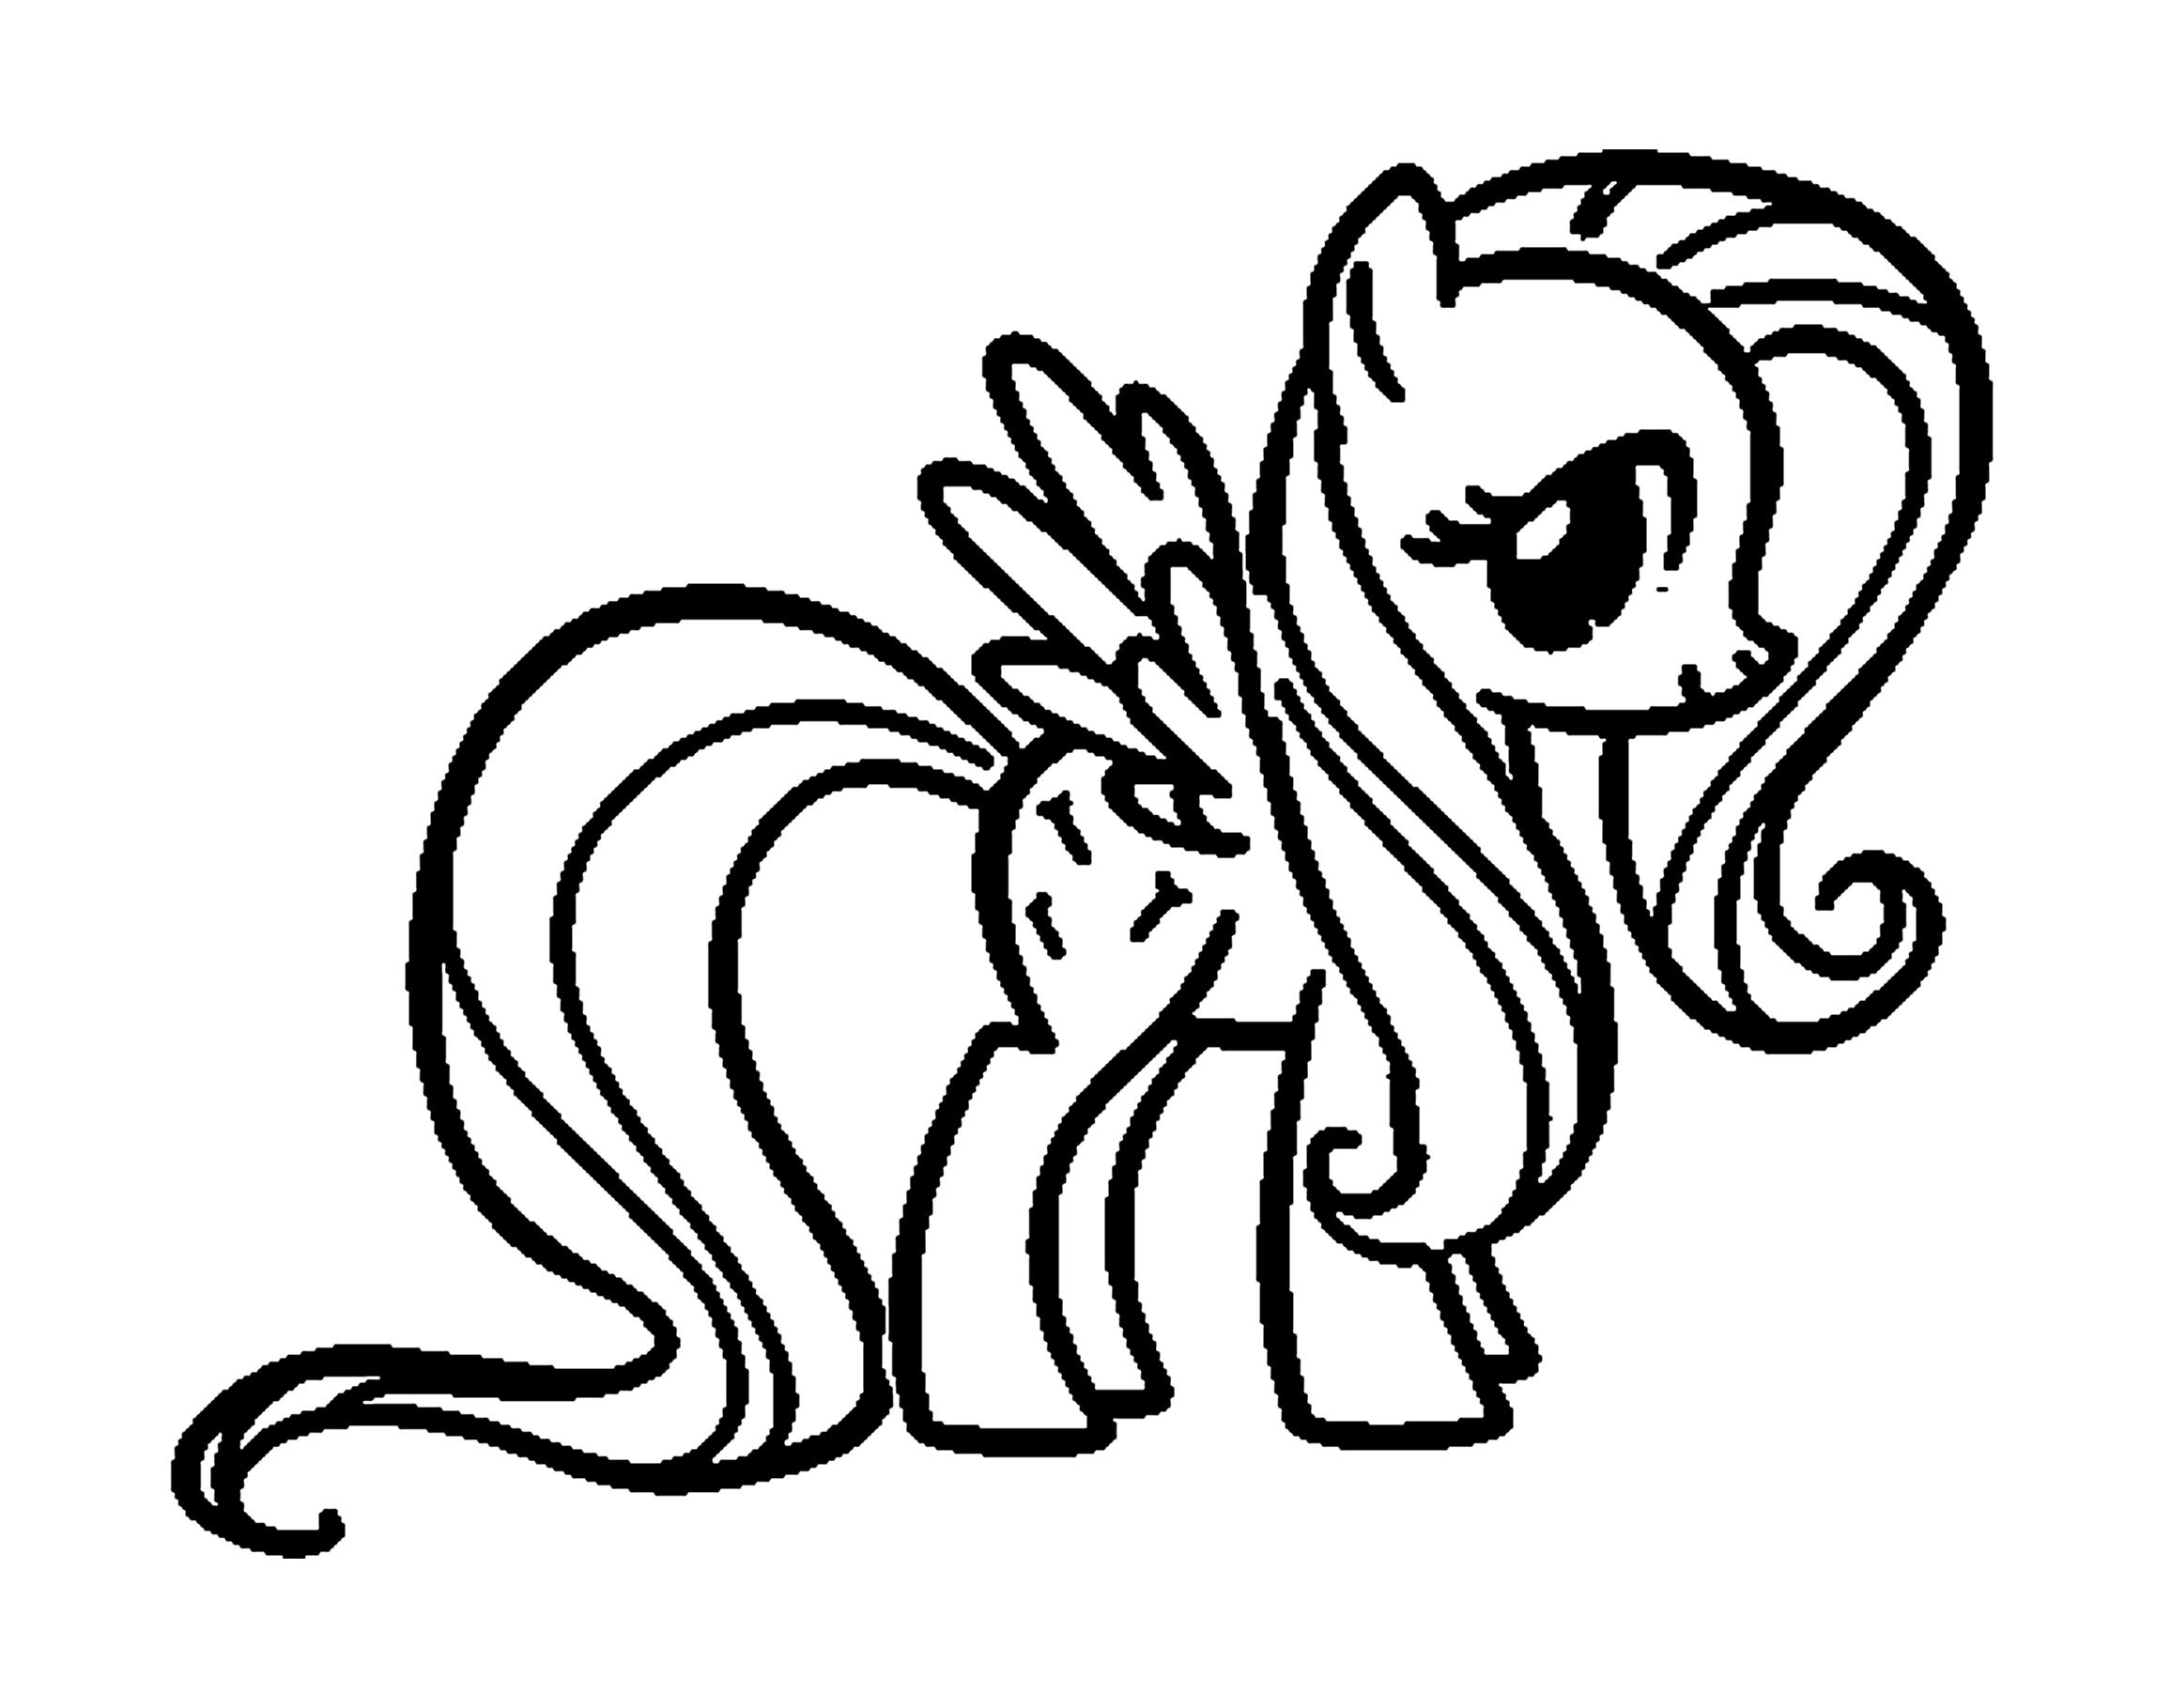 My Little Pony Ausmalbilder Kostenlos Malvorlagen Windowcolor Zum Drucken